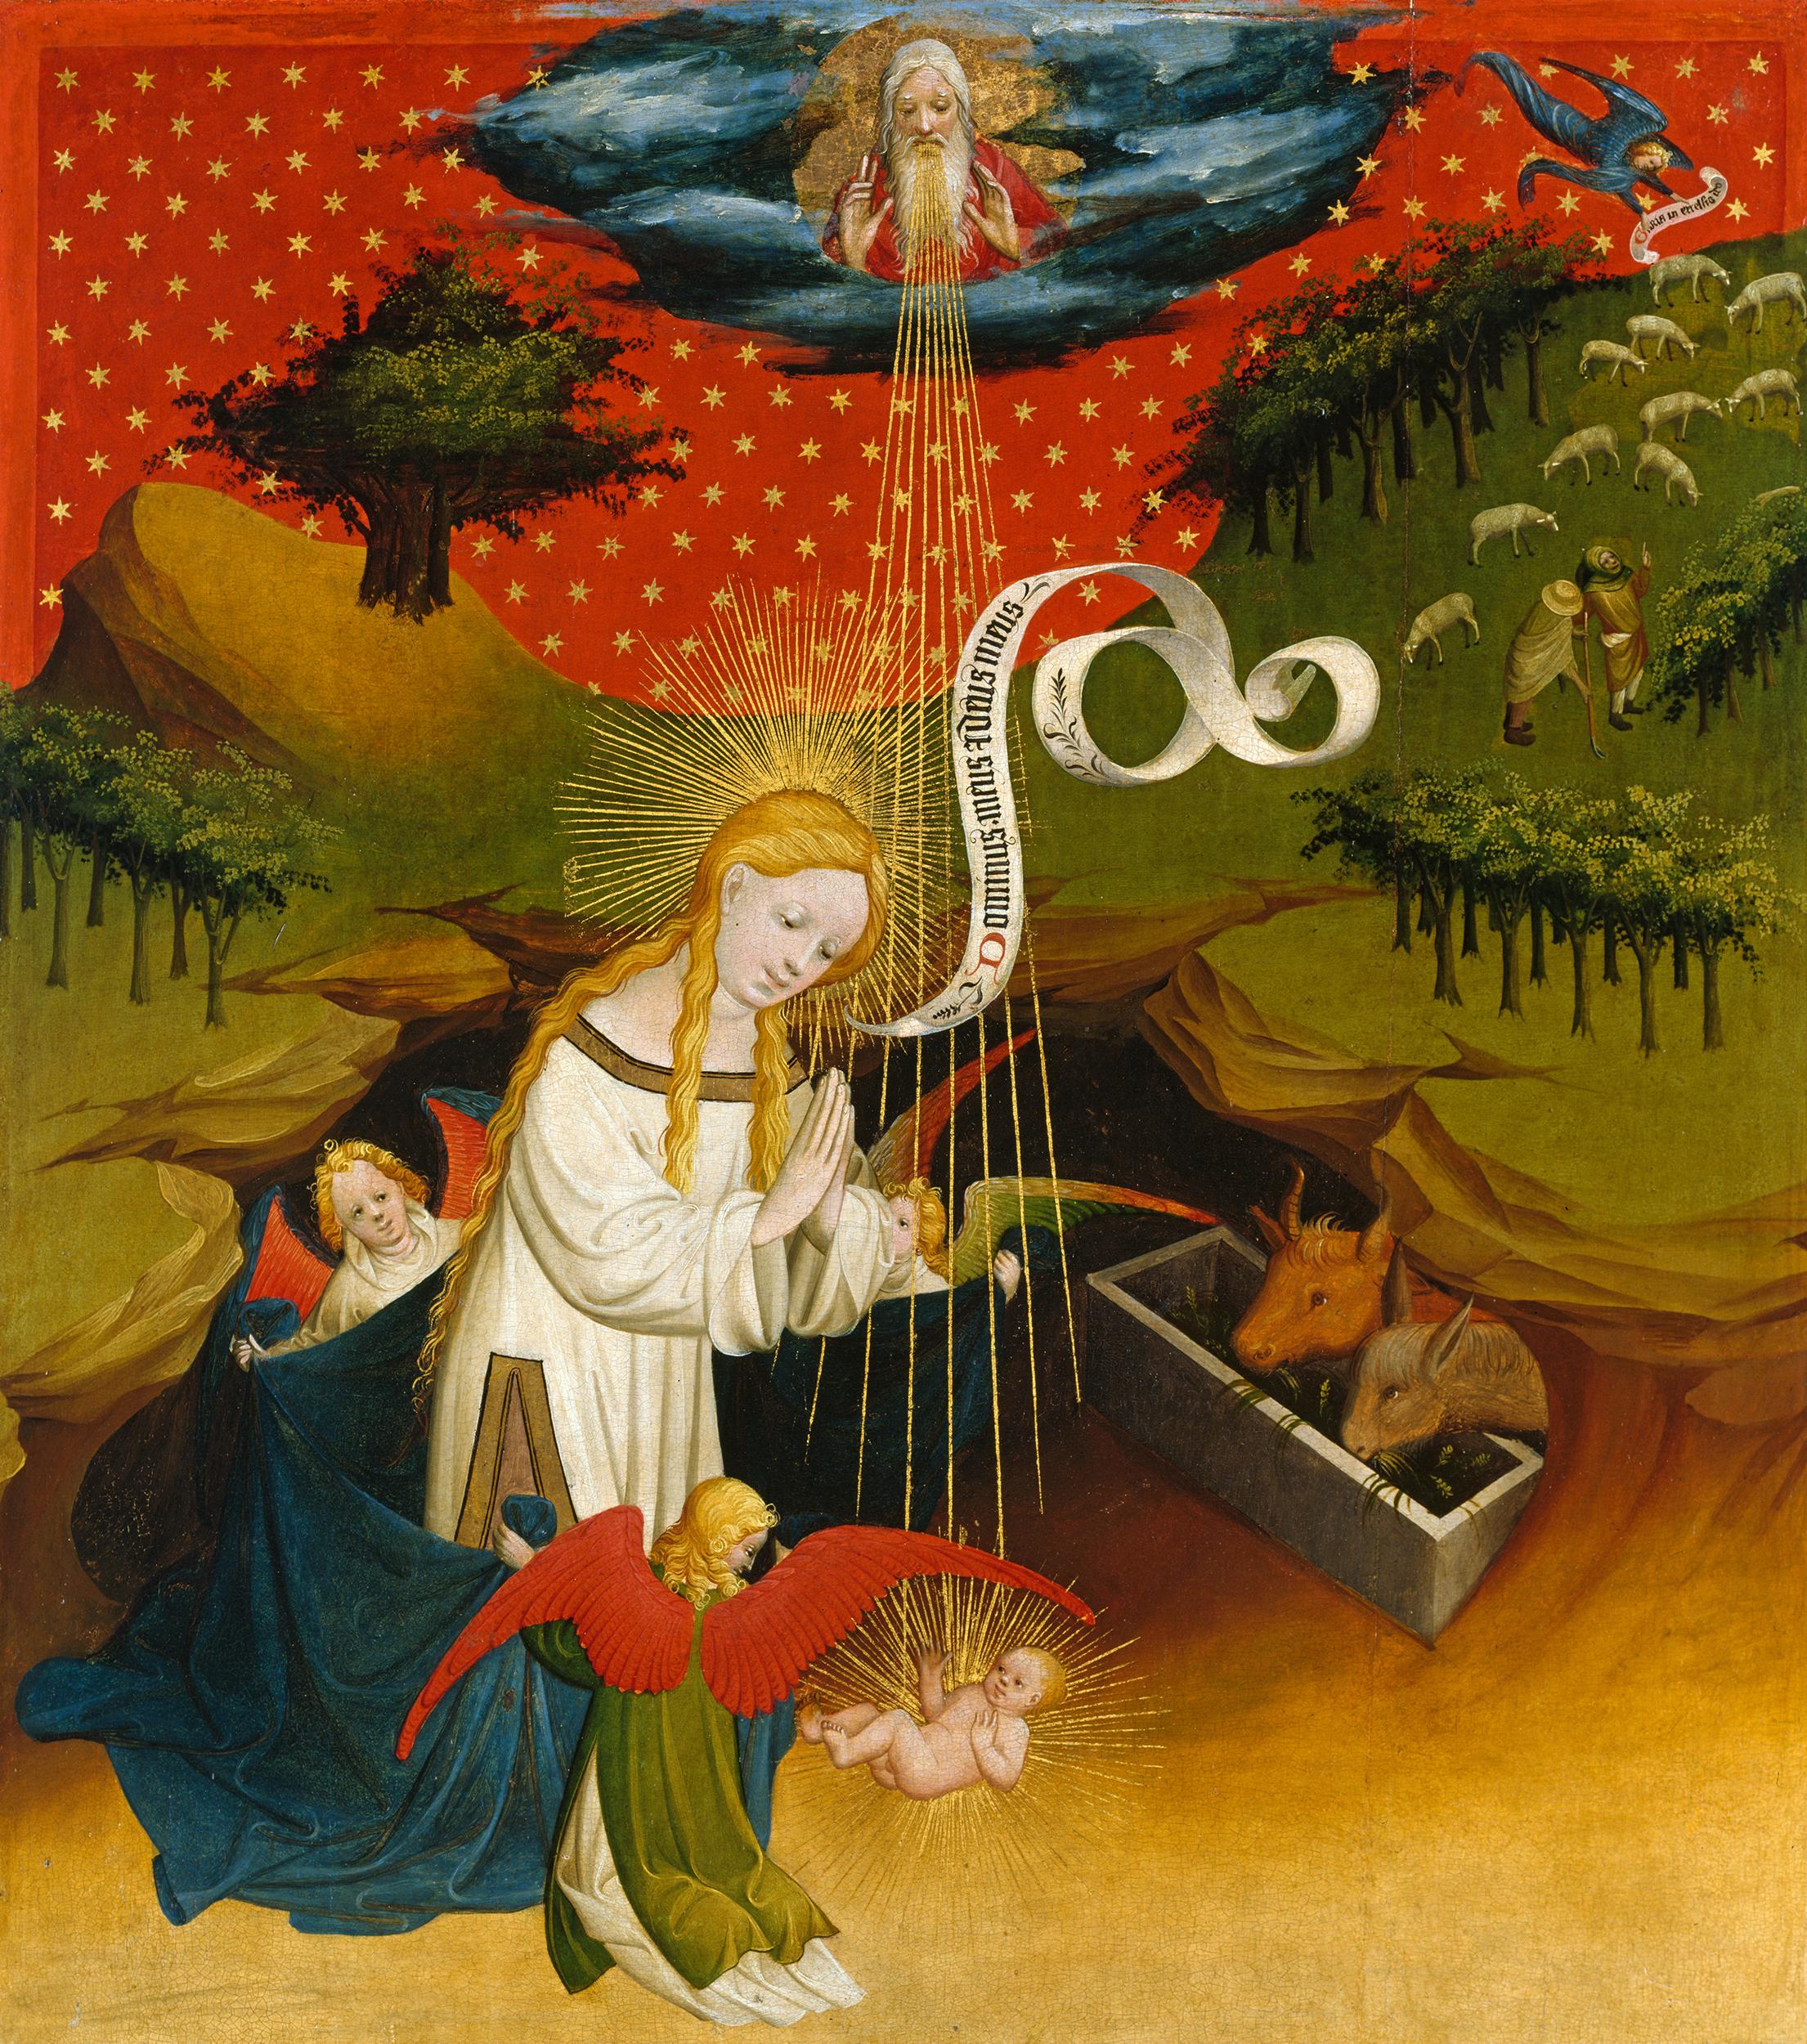 Meister Francke, Die Anbetung des Kindes (Teil des Thomas-Altars der hamburgischen Englandfahrer), um 1426, Tempera und Öl auf Eichenholz, © Hamburger Kunsthalle